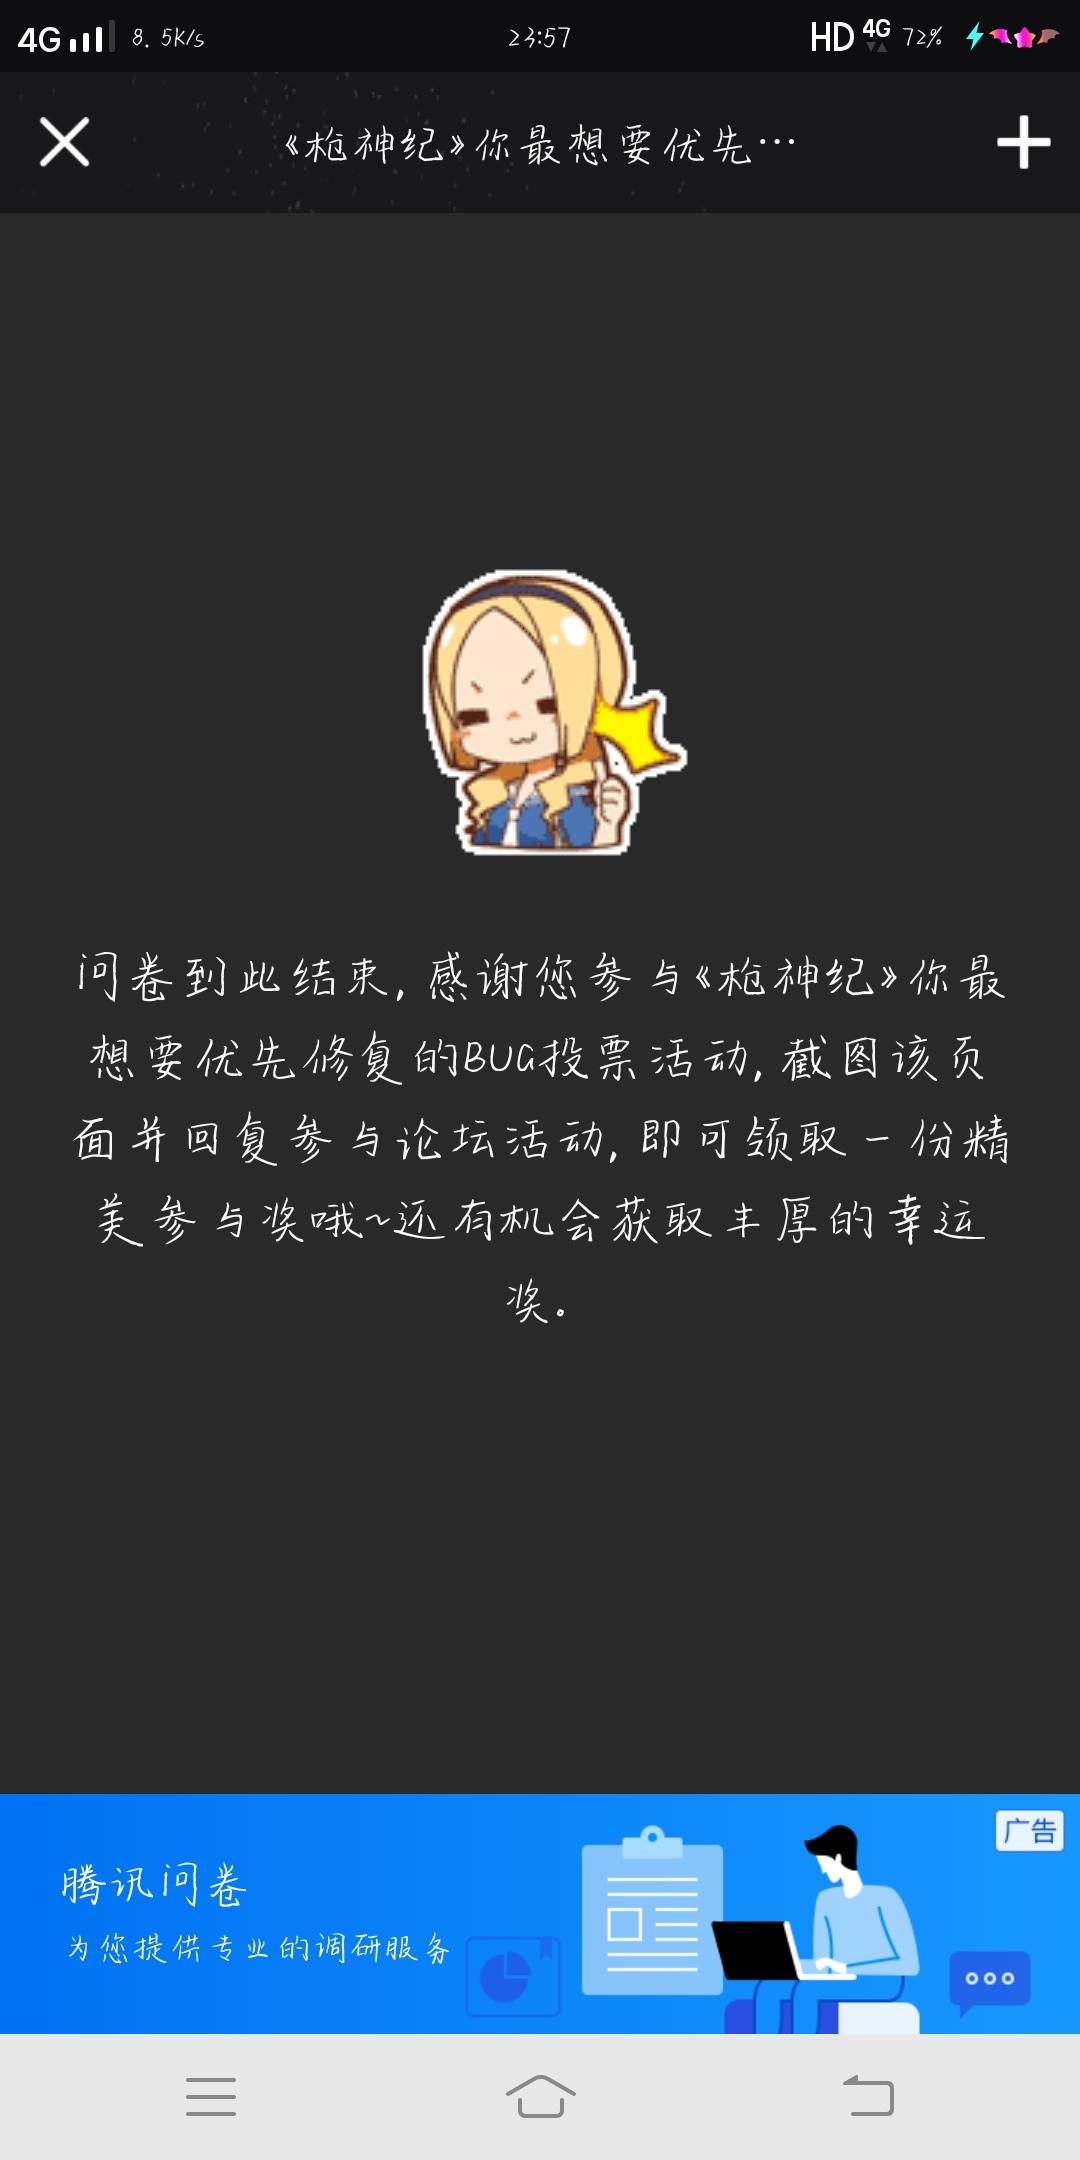 Screenshot_20200309_235710.jpg